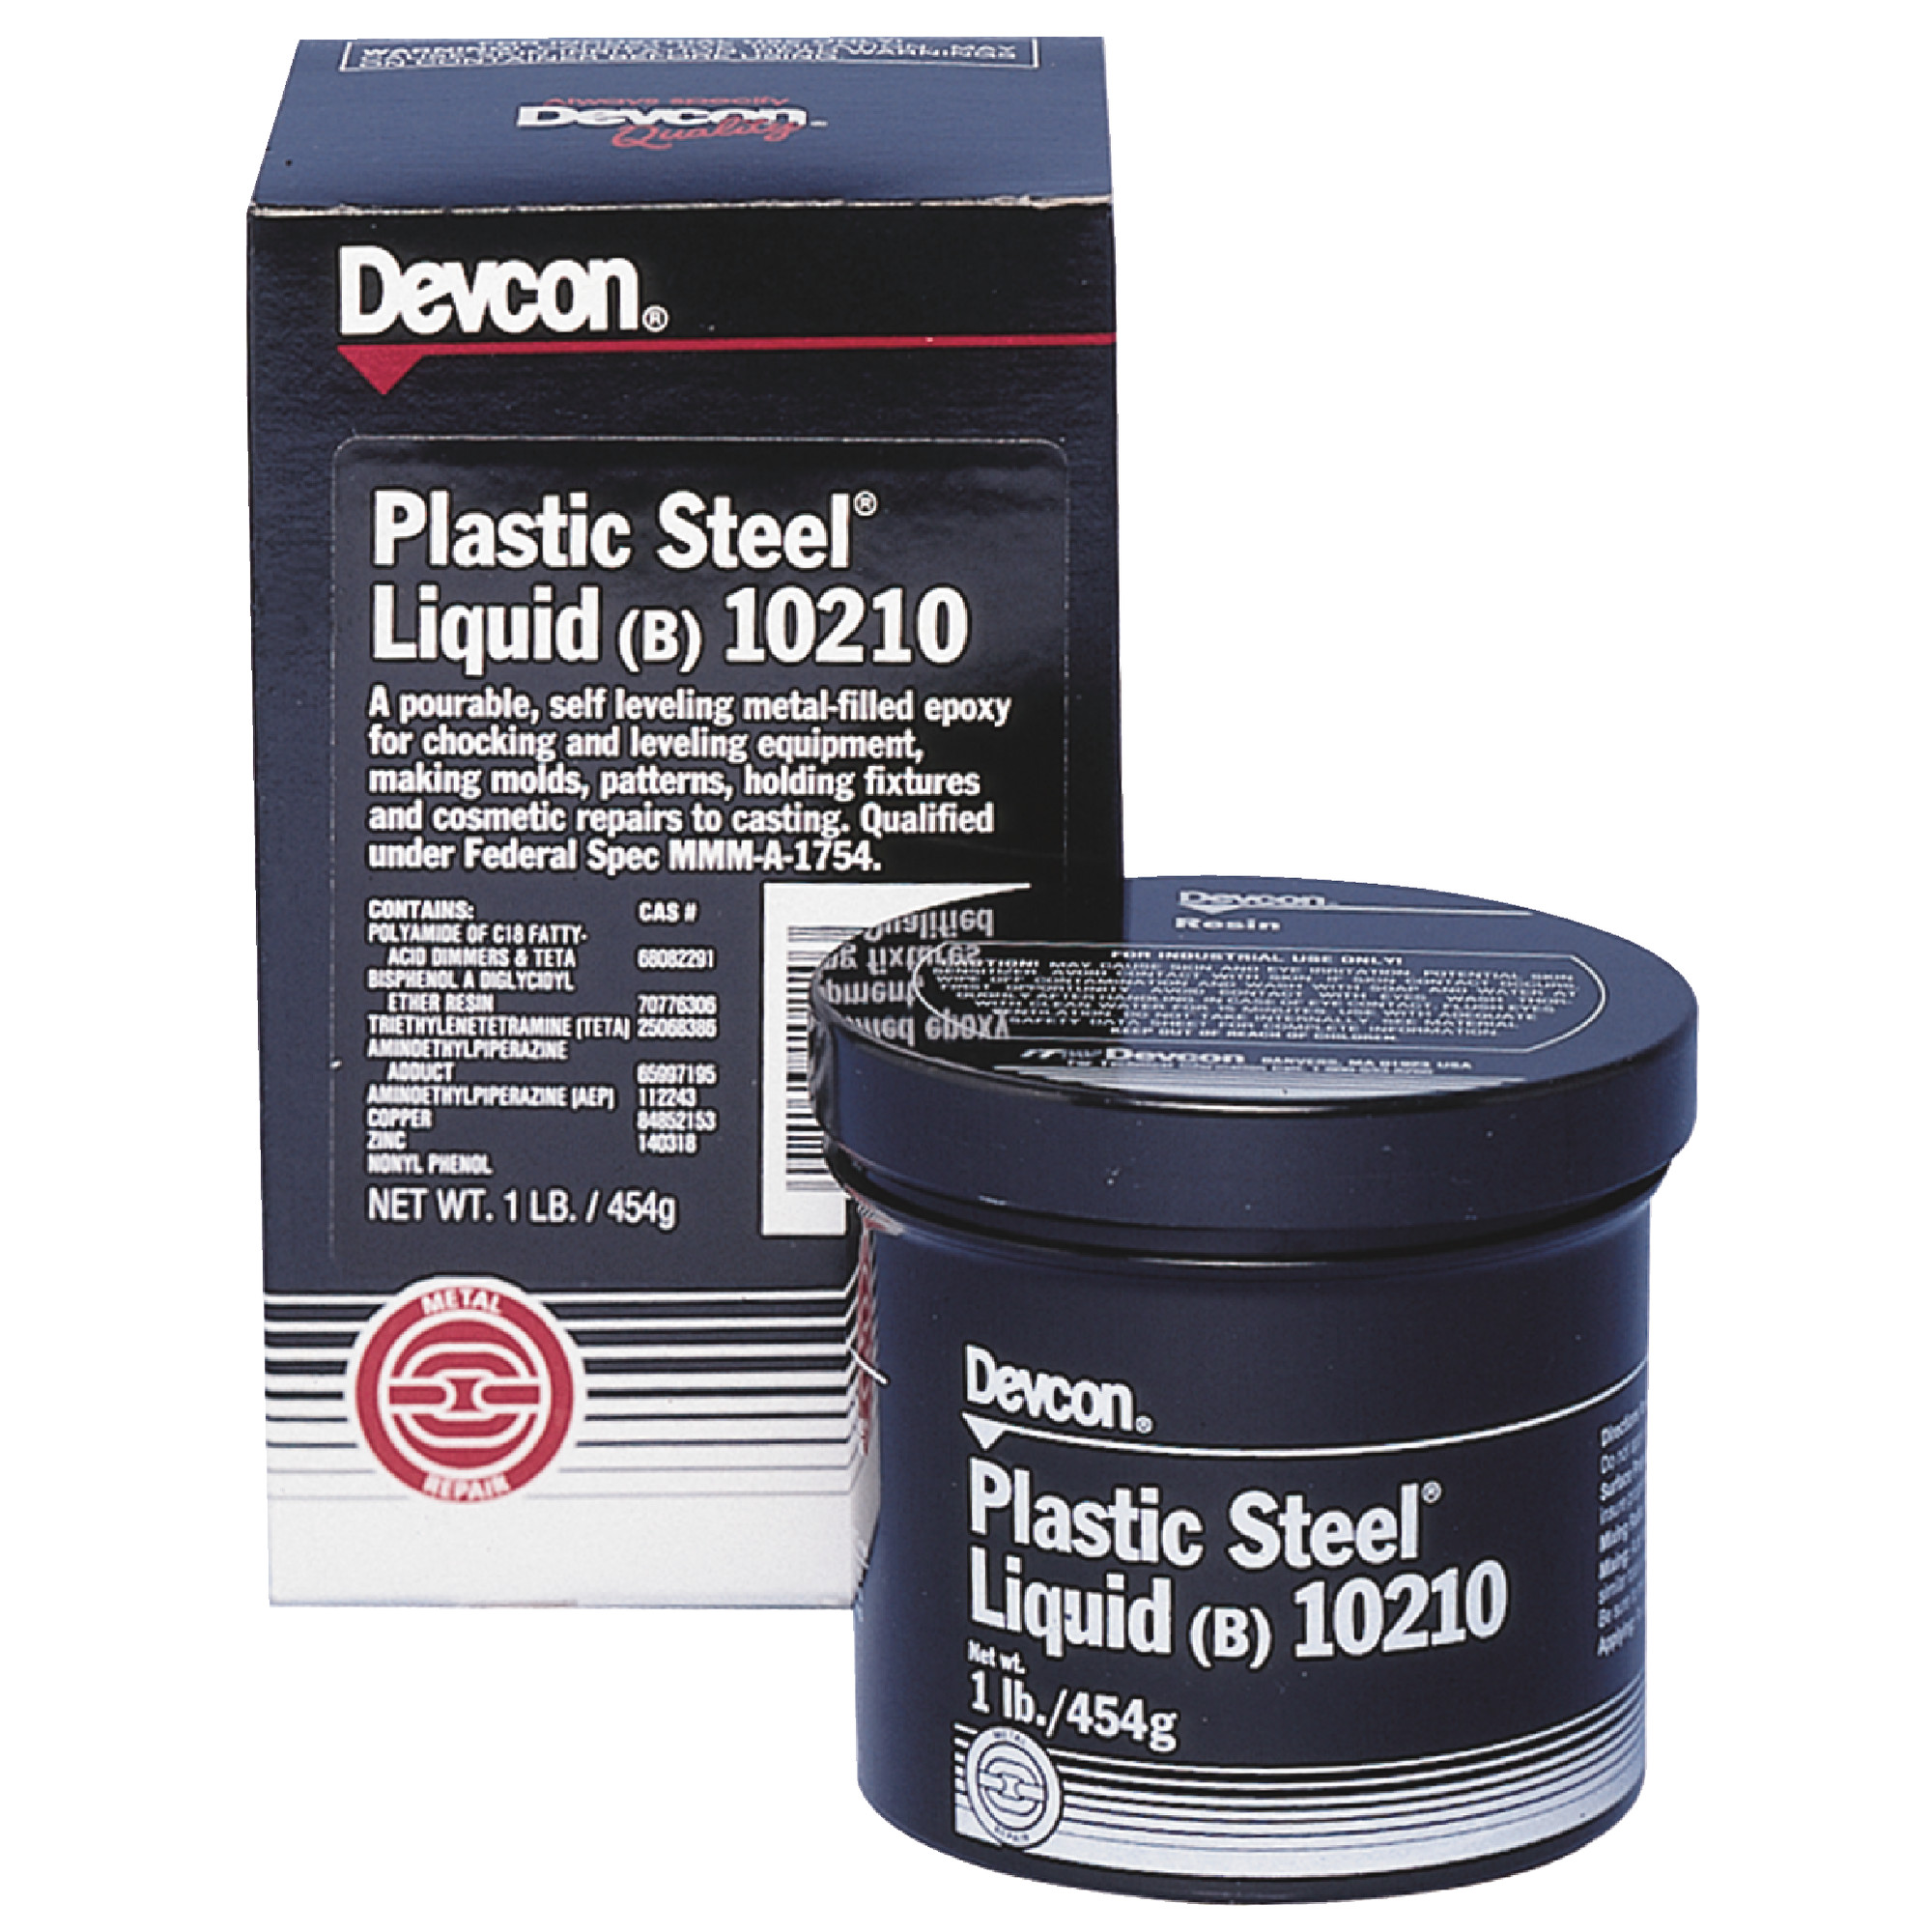 Plastic Steel® Liquid (B)